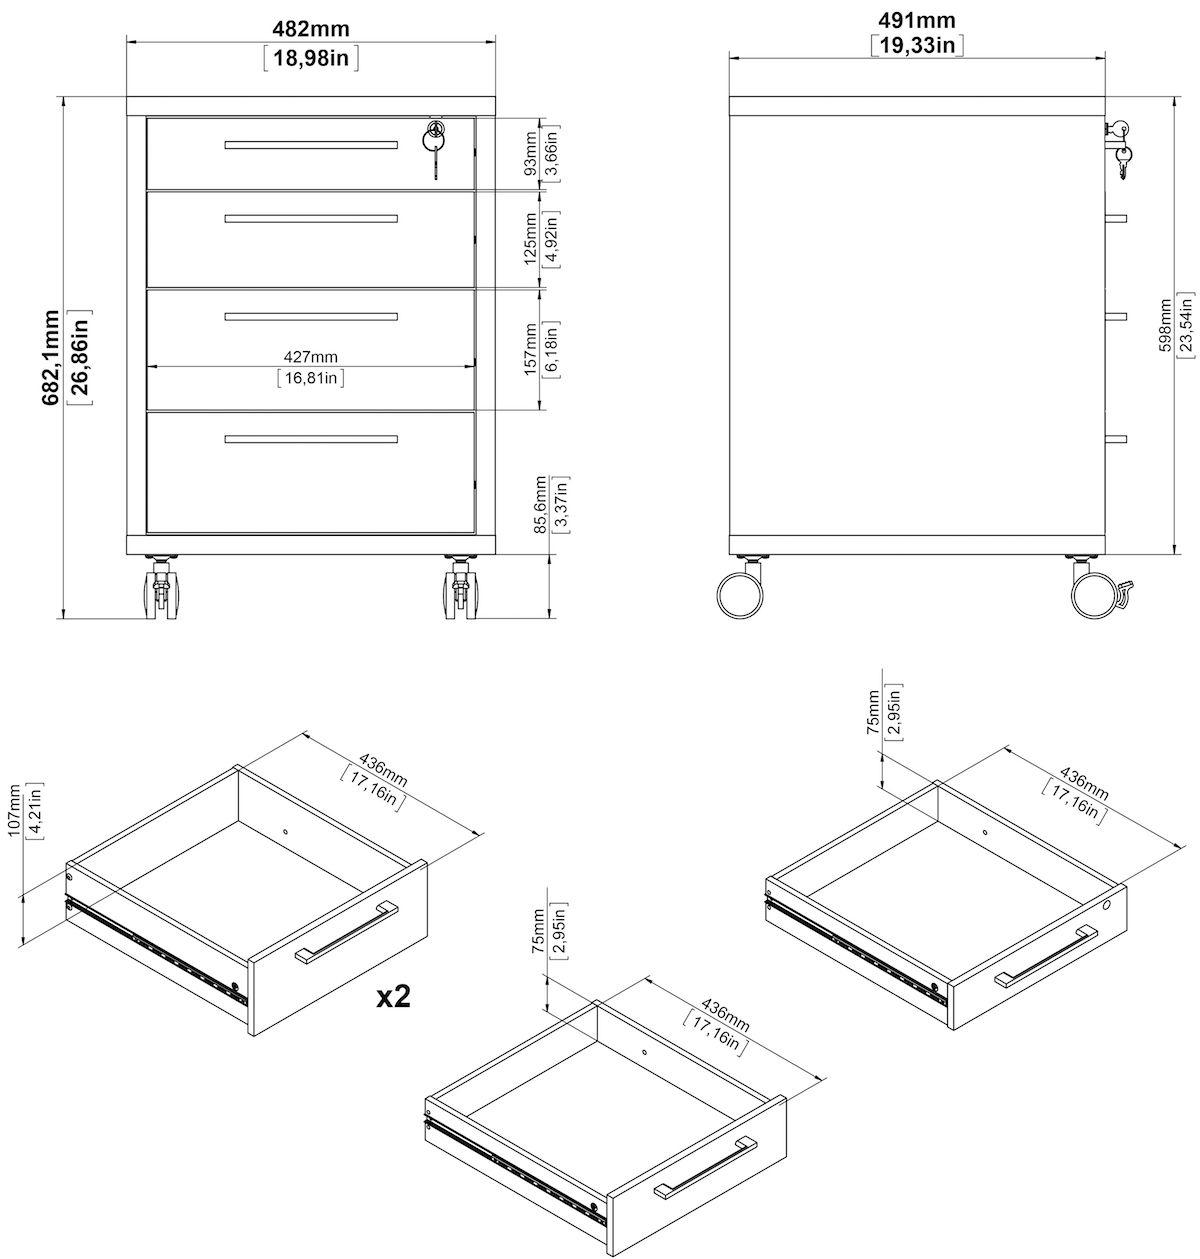 Prima Skuffemodul - Hvid m/4 skuffer - Skuffemodul i hvid